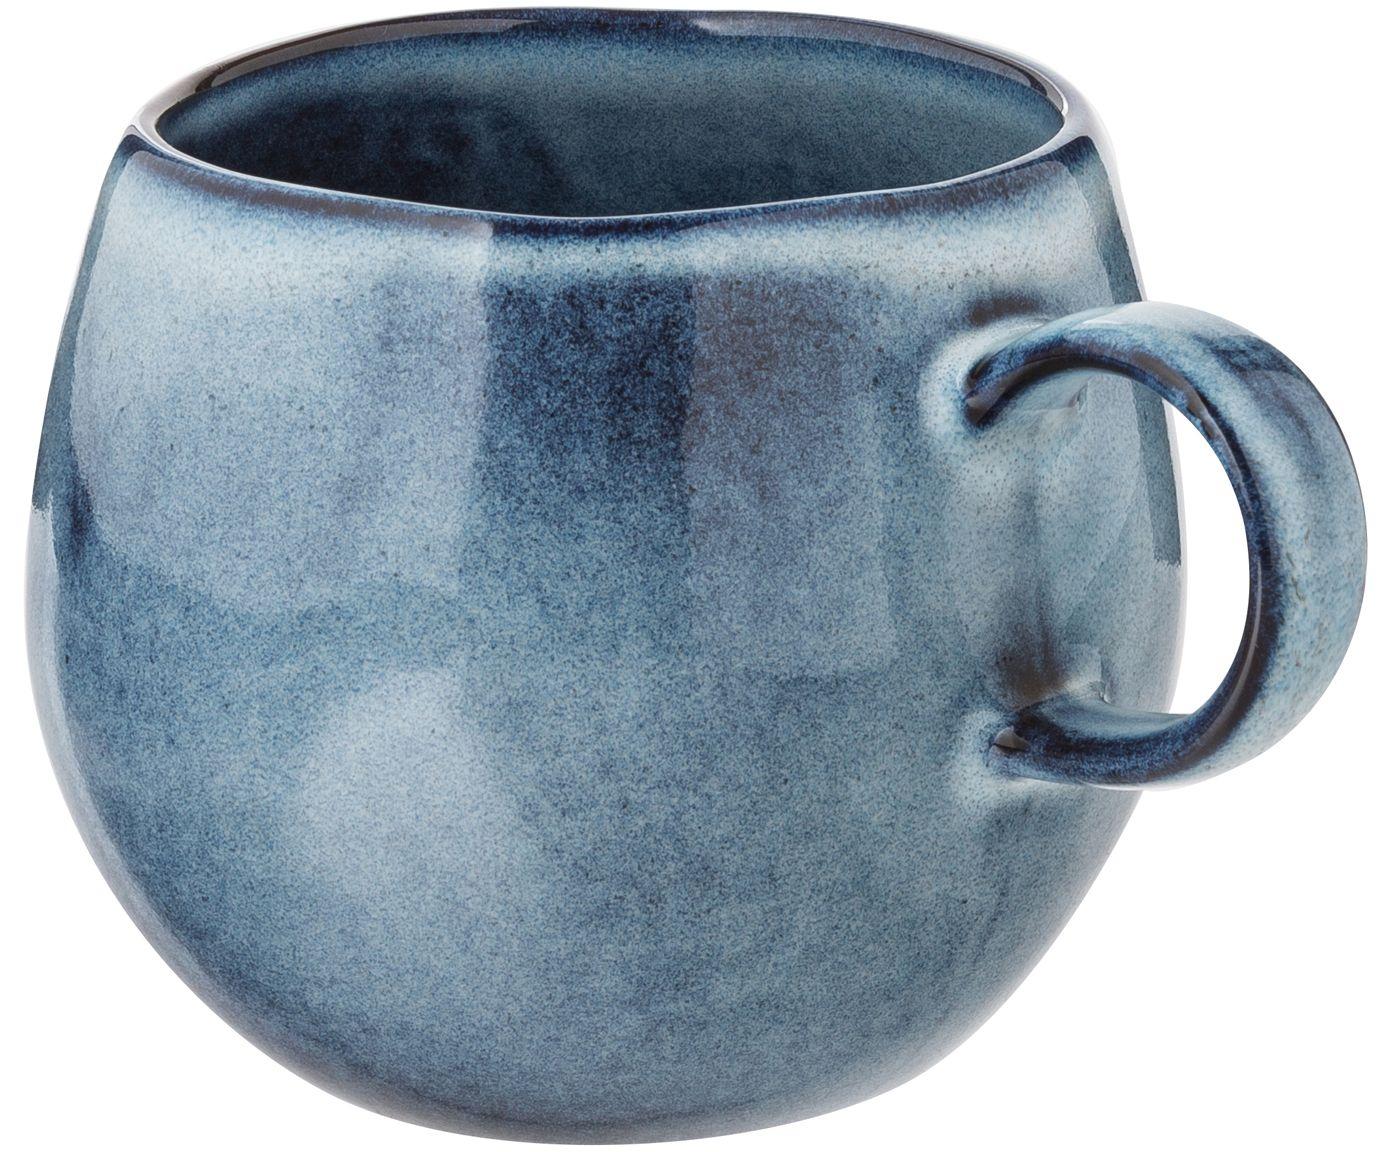 Handgemachte Tasse Sandrine In Blau Westwingnow Tassen Keramik Geschirr Handgefertigt